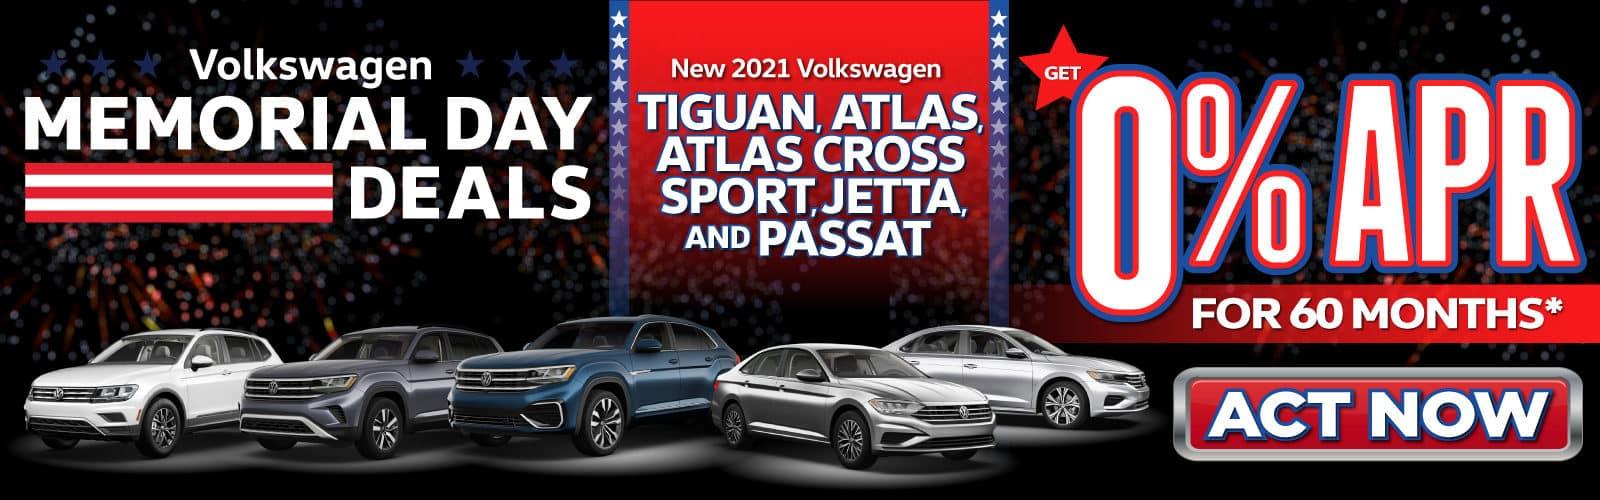 New 2021 VW Tiguan, Atlas, Atlas Cross Sport, Jetta, Passat - 0% APR for 60 months - Act Now